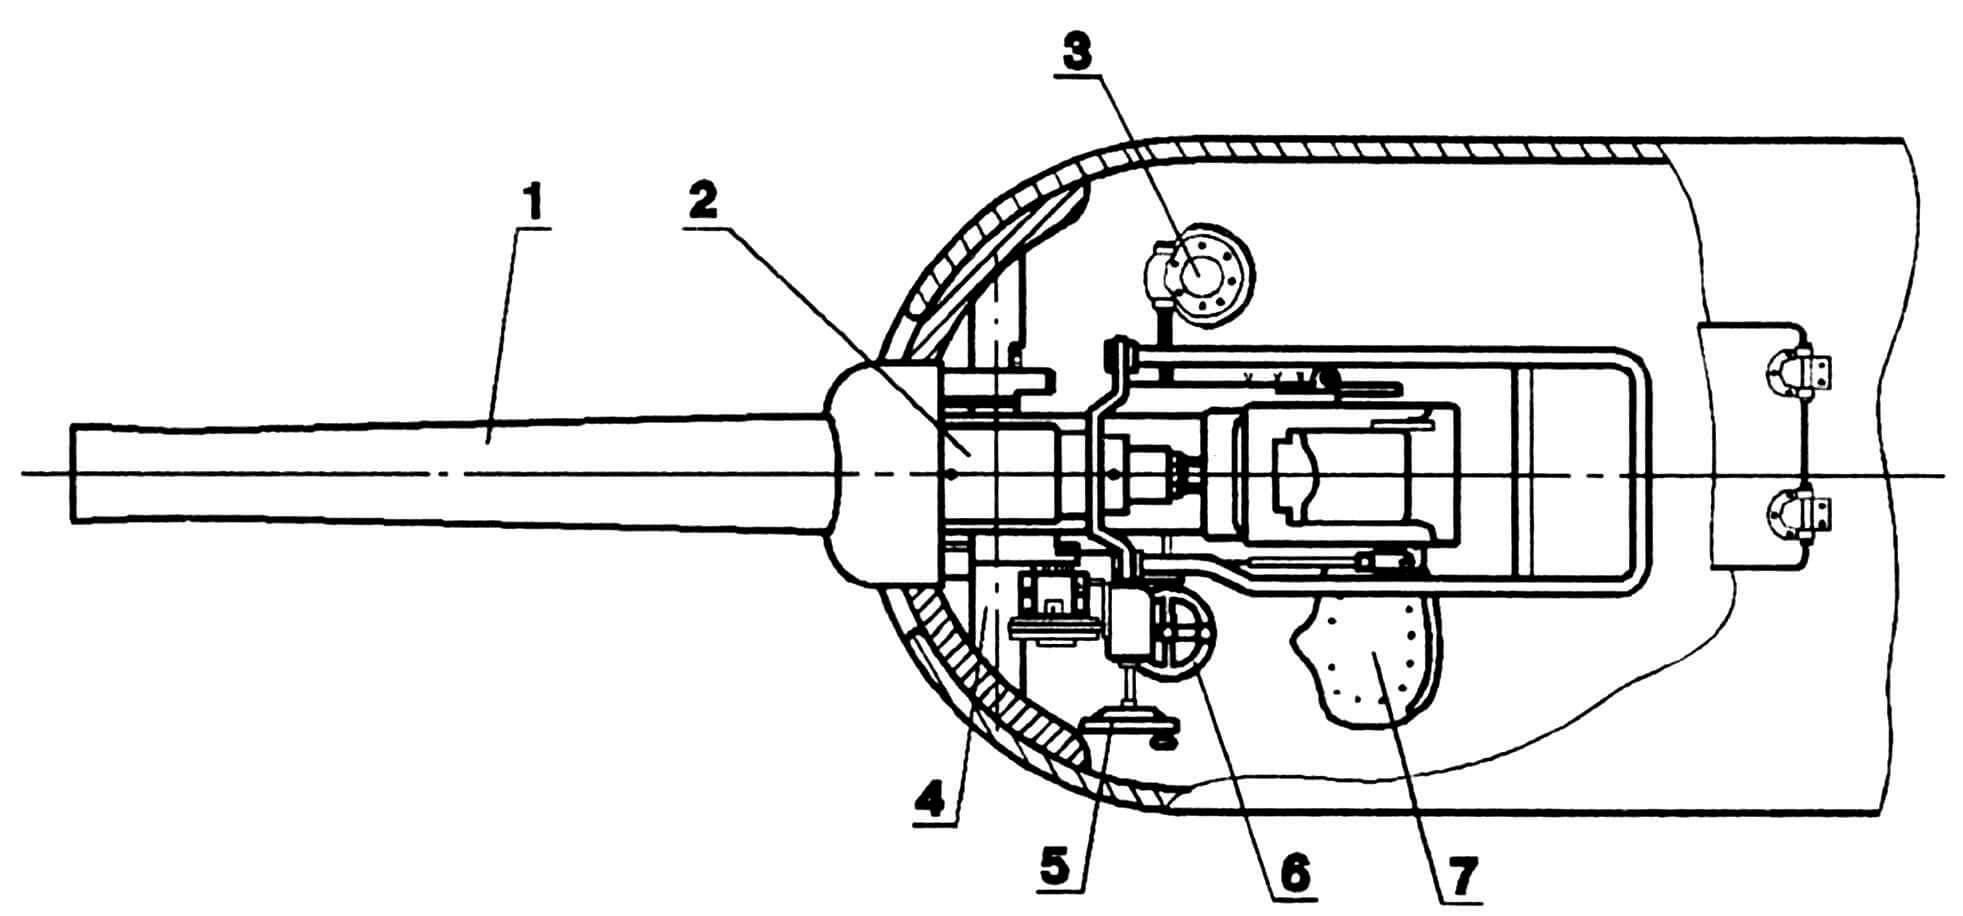 Схема установки 75-мм пушки: 1 — пушка, 2 — устройство противооткатное, 3 — пара червячная поворотного механизма, 4 — цапфа, 5 — маховичок подъемного механизма, 6 — маховичок поворотного механизма, 7 — сиденье наводчика.